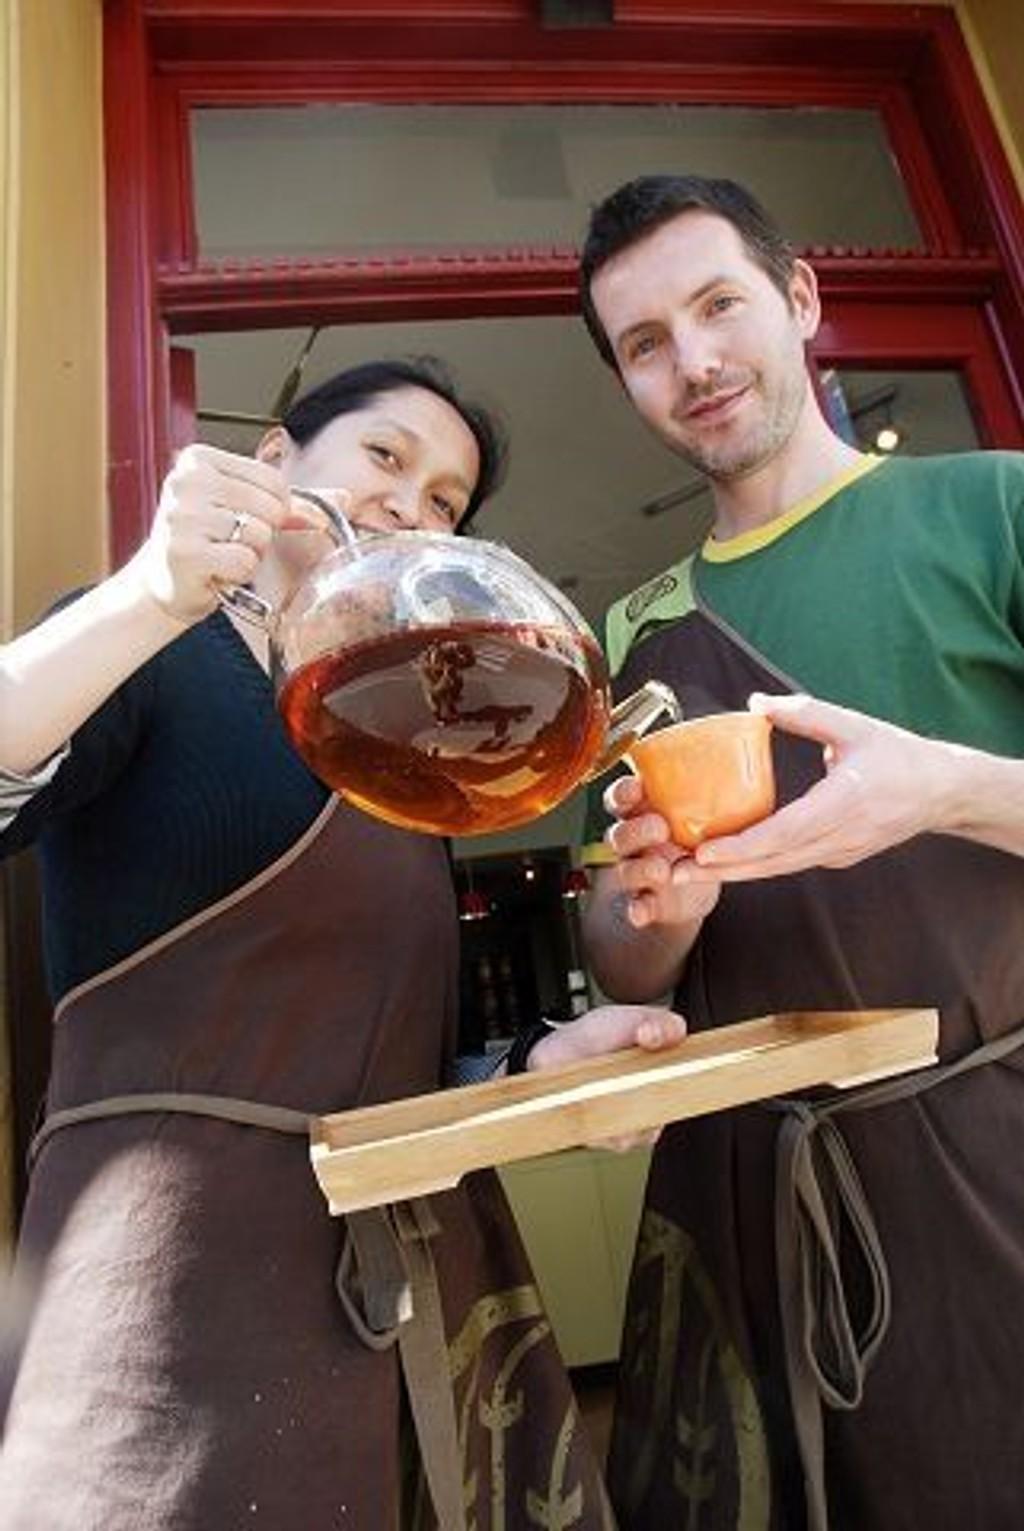 Eia Økter og Kevin First serverer te hos Palais des Thés. FOTO: JULIE MESSEL